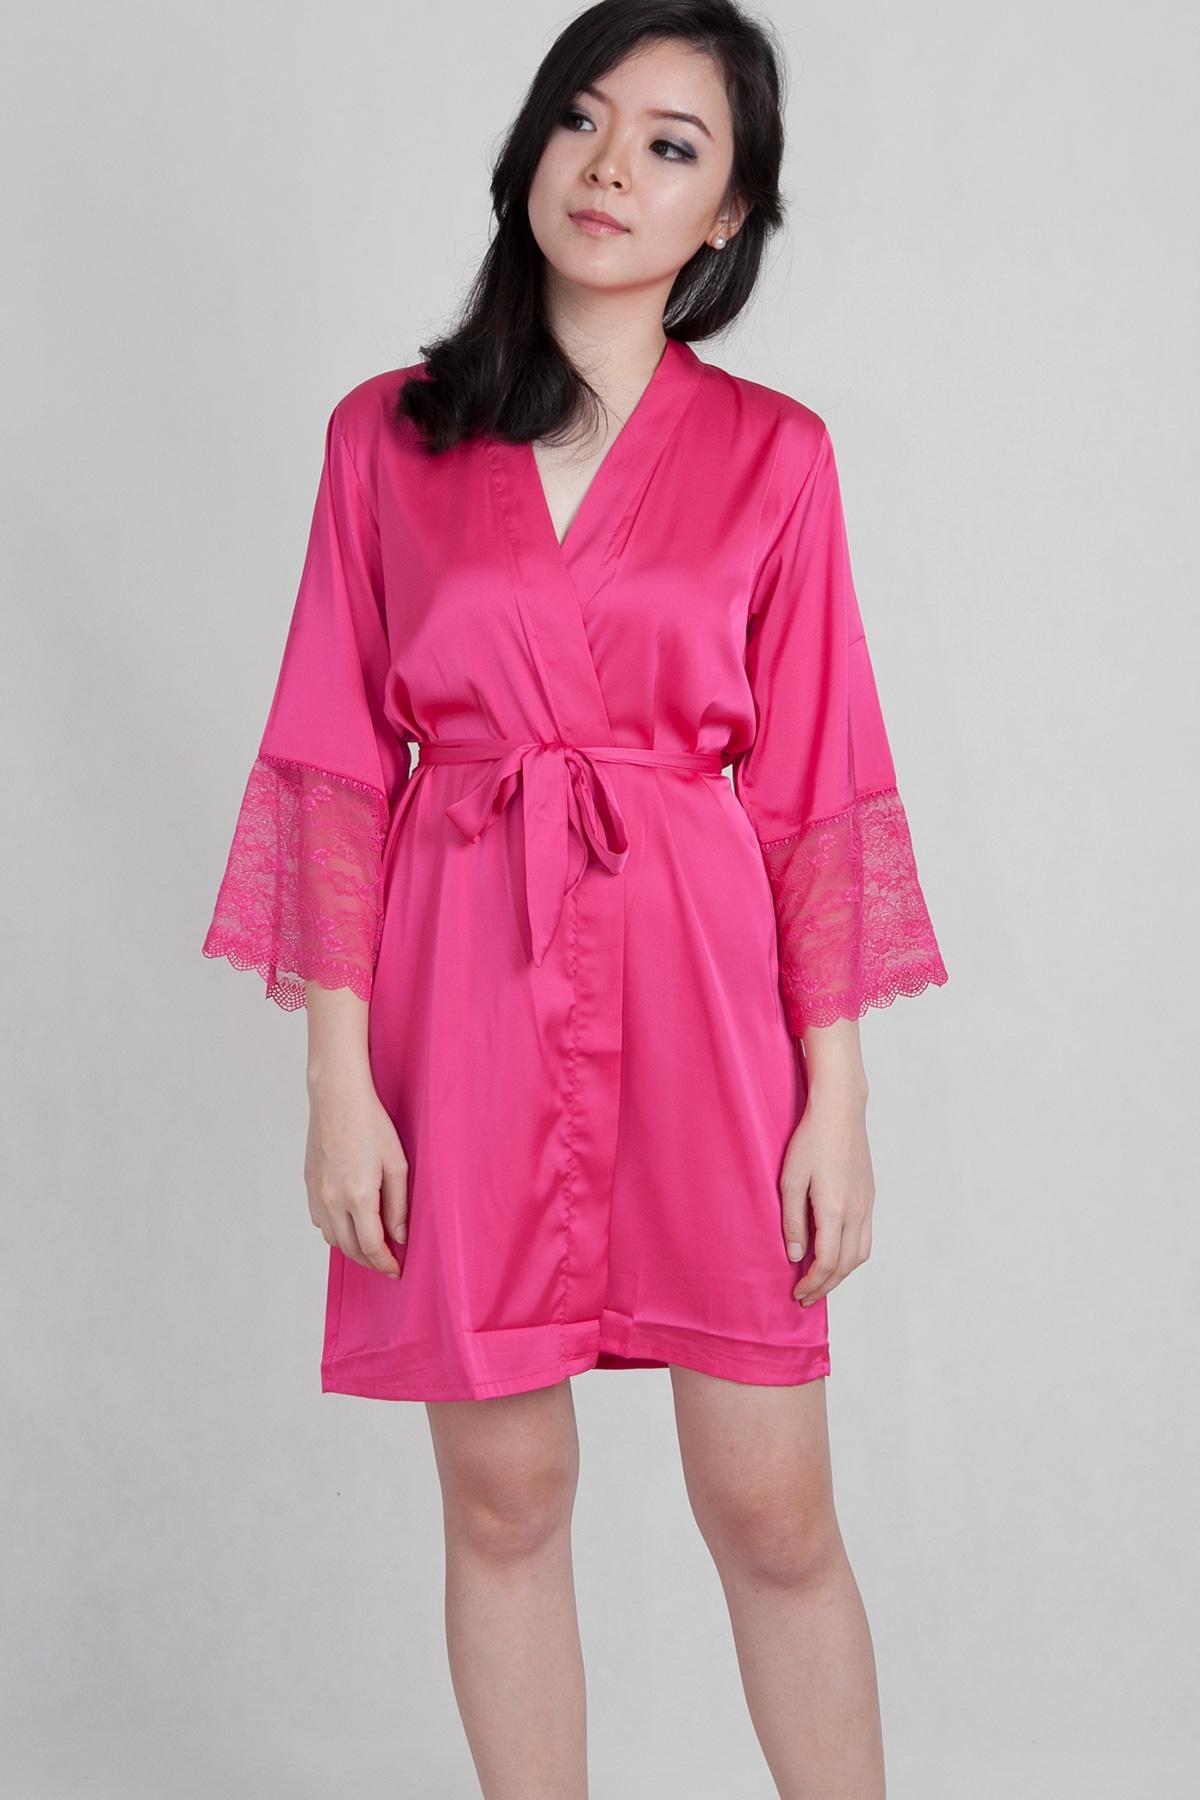 Women Silk Robe – Benefits Of Sleeping In Silk Nightwear